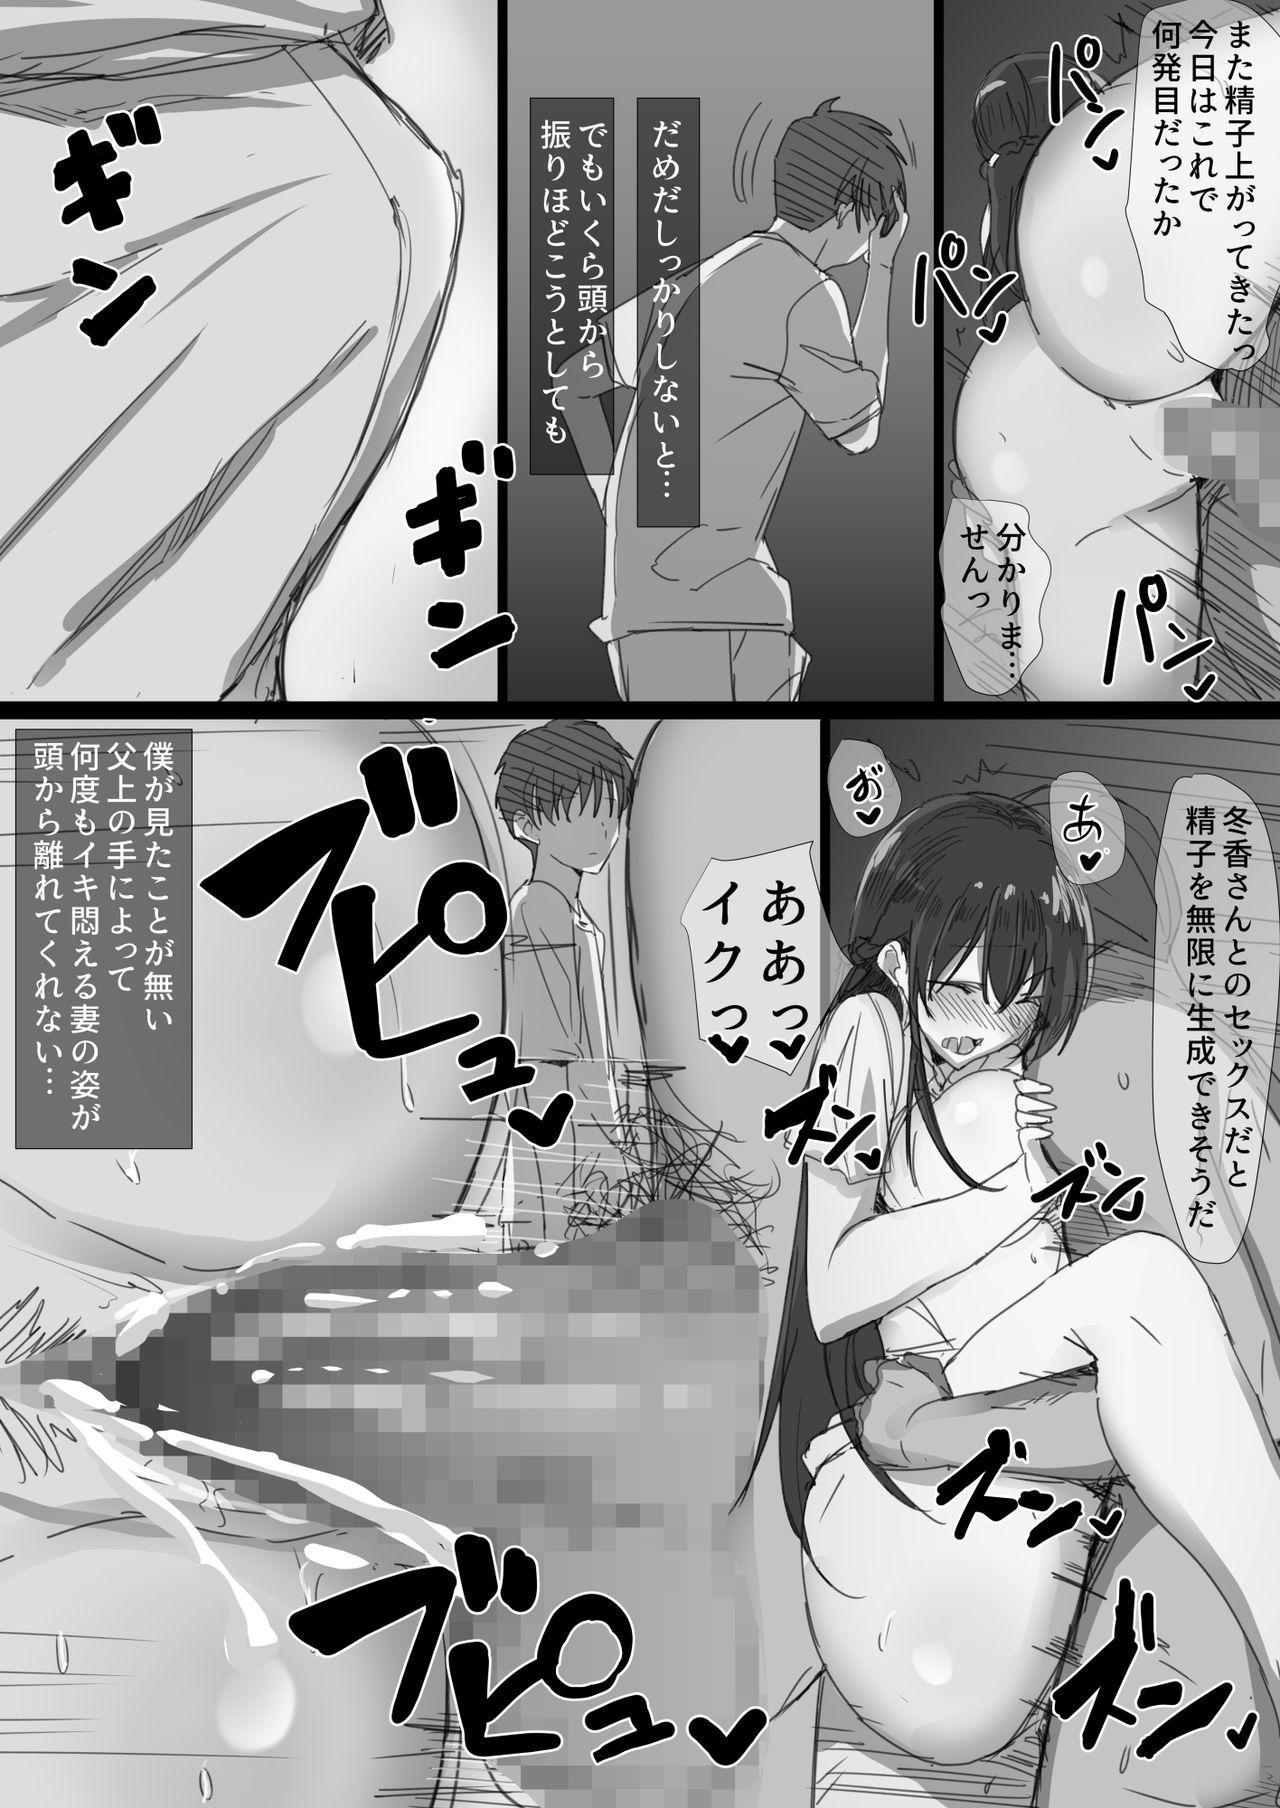 Ki ga Tsuyoi Seiso na Hitozuma Reijou ga Netorareru made no Ichibu Shijuu 73